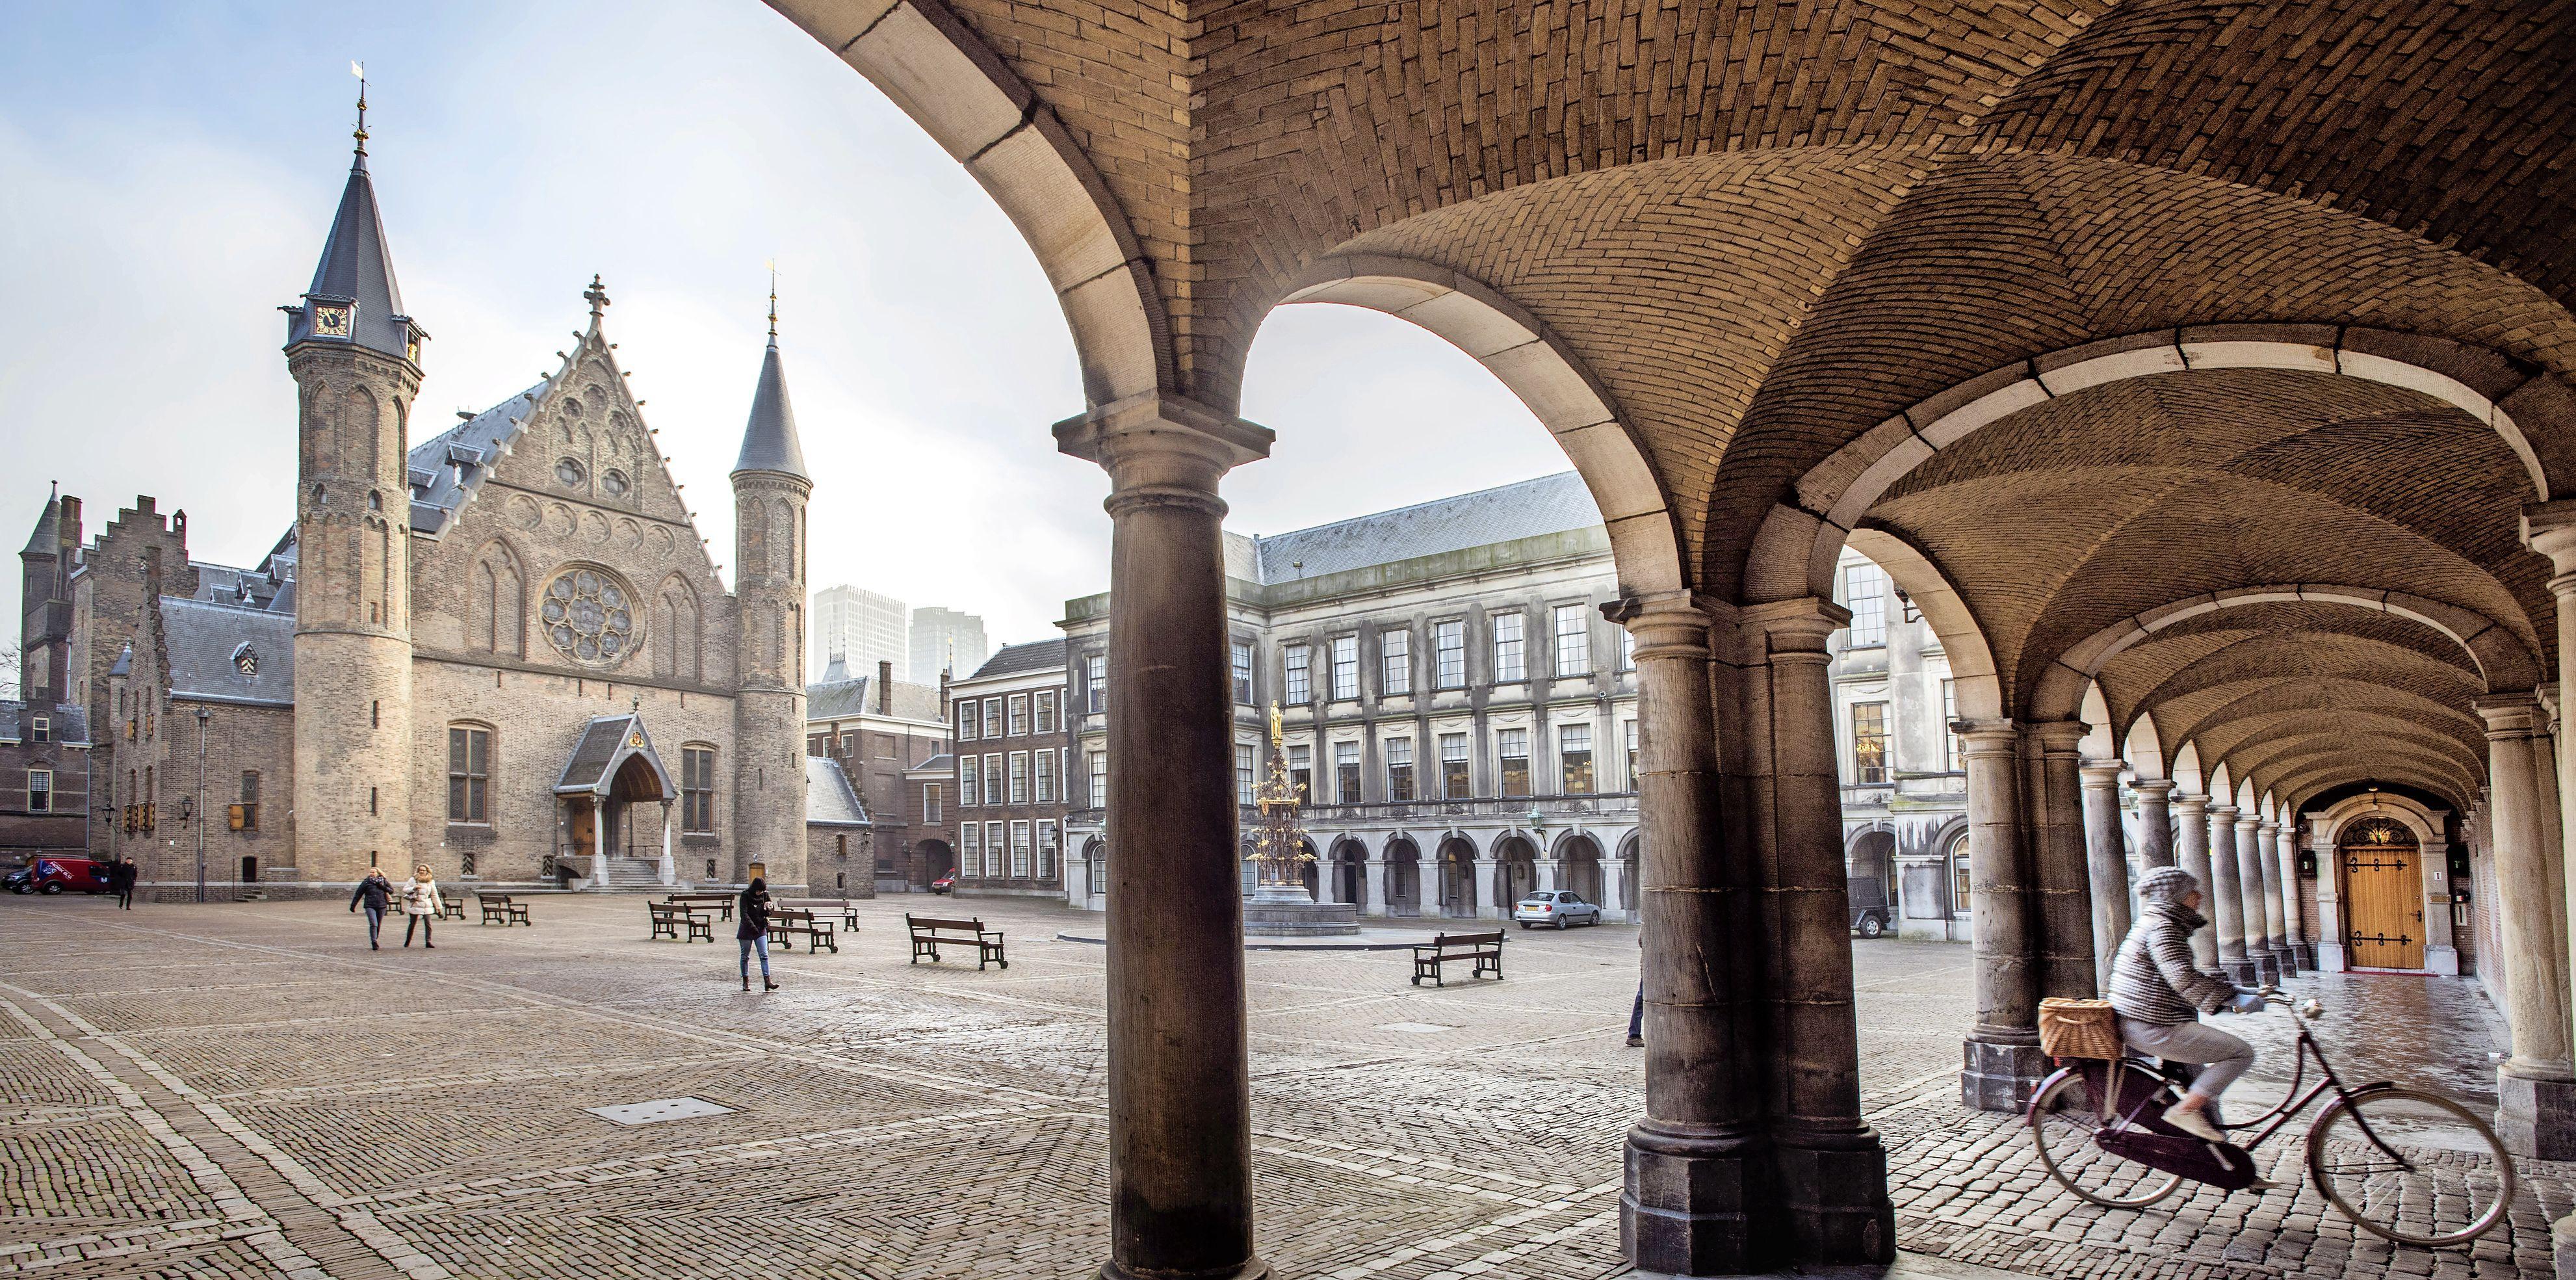 Wie regionale stem in Den Haag wil laten horen, heeft genoeg te kiezen: zeventien kandidaten voor Tweede Kamer uit regio Alkmaar